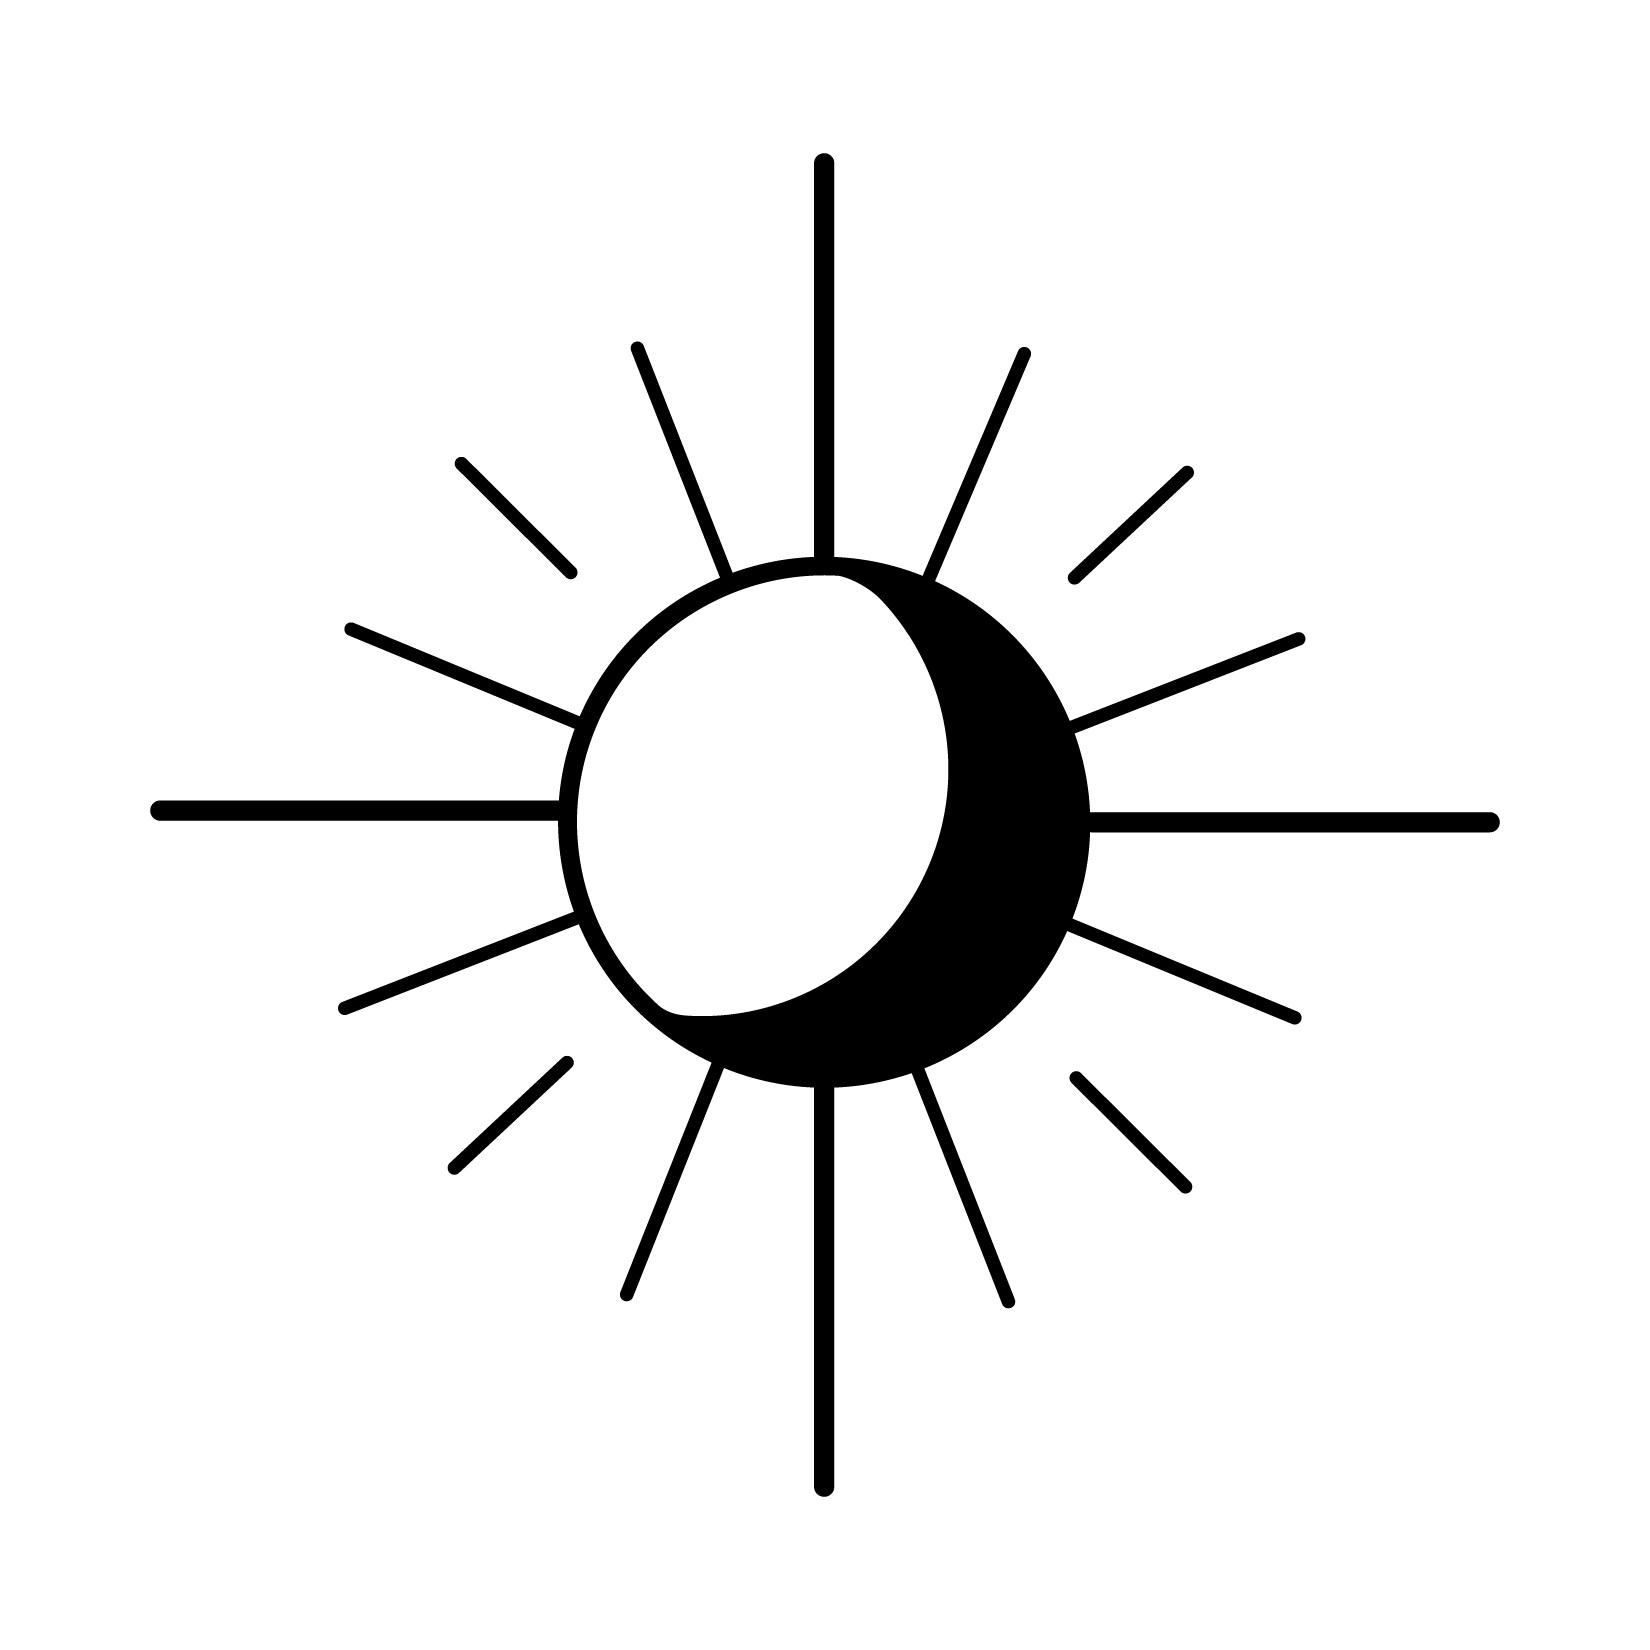 compass-blk.jpg